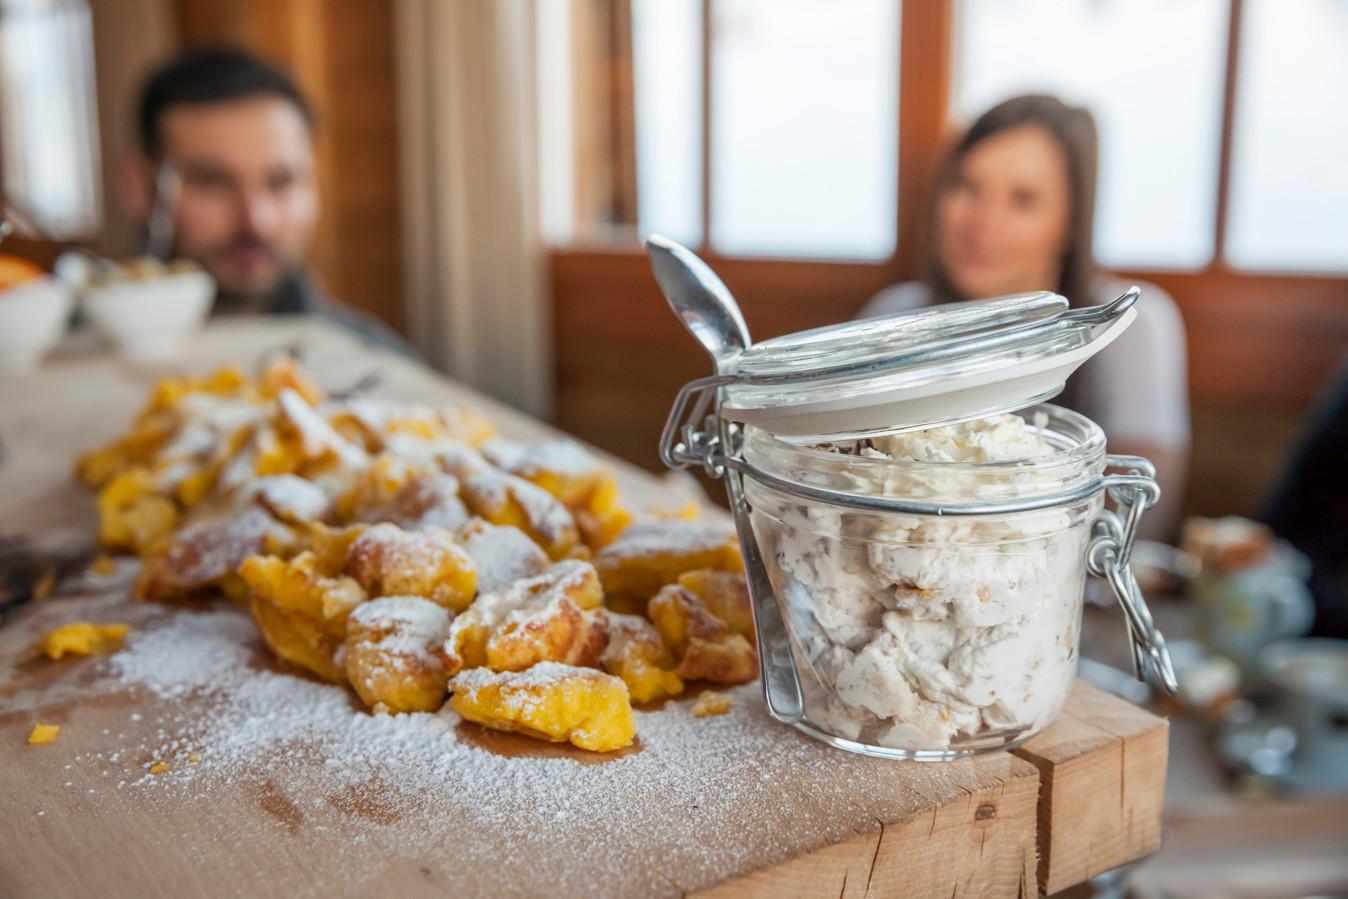 Kulinarische Highlights aus unserer Küche